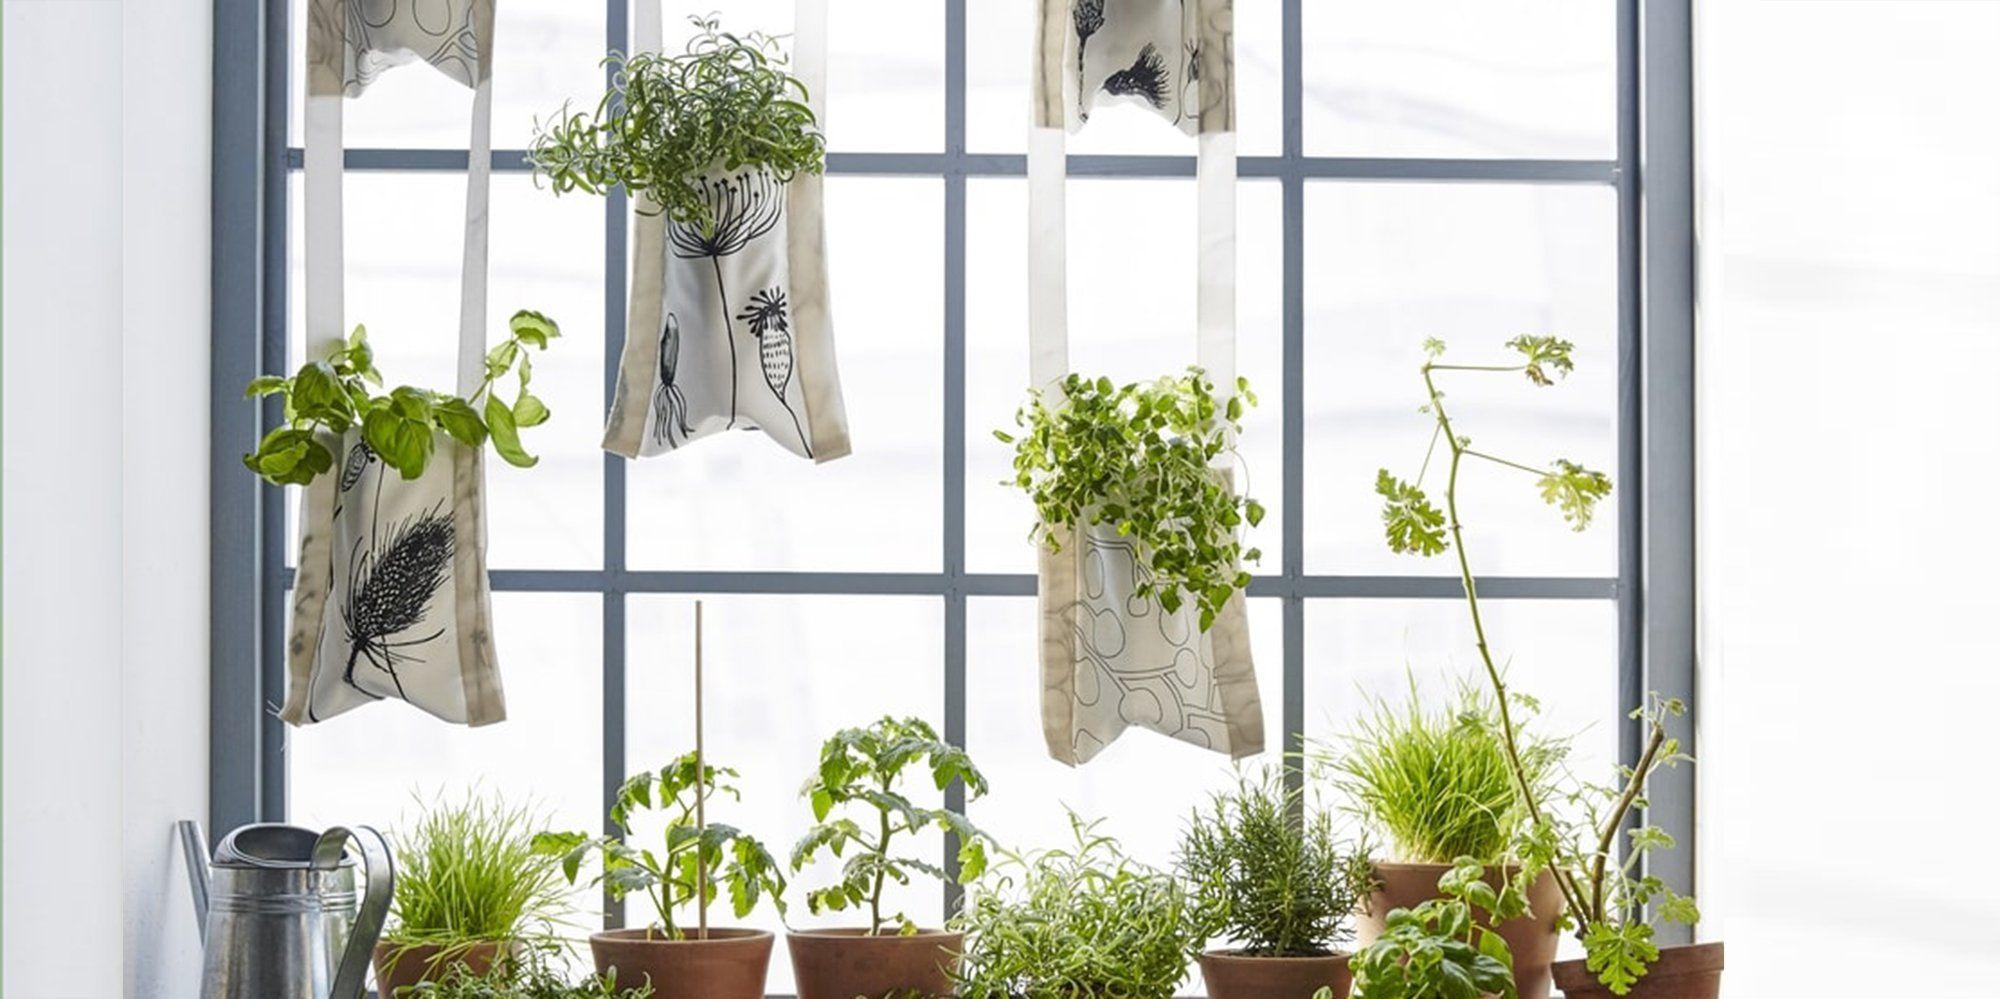 plantes suspendues un diy ikea pour faire une jardini re murale trucs sympas r aliser. Black Bedroom Furniture Sets. Home Design Ideas